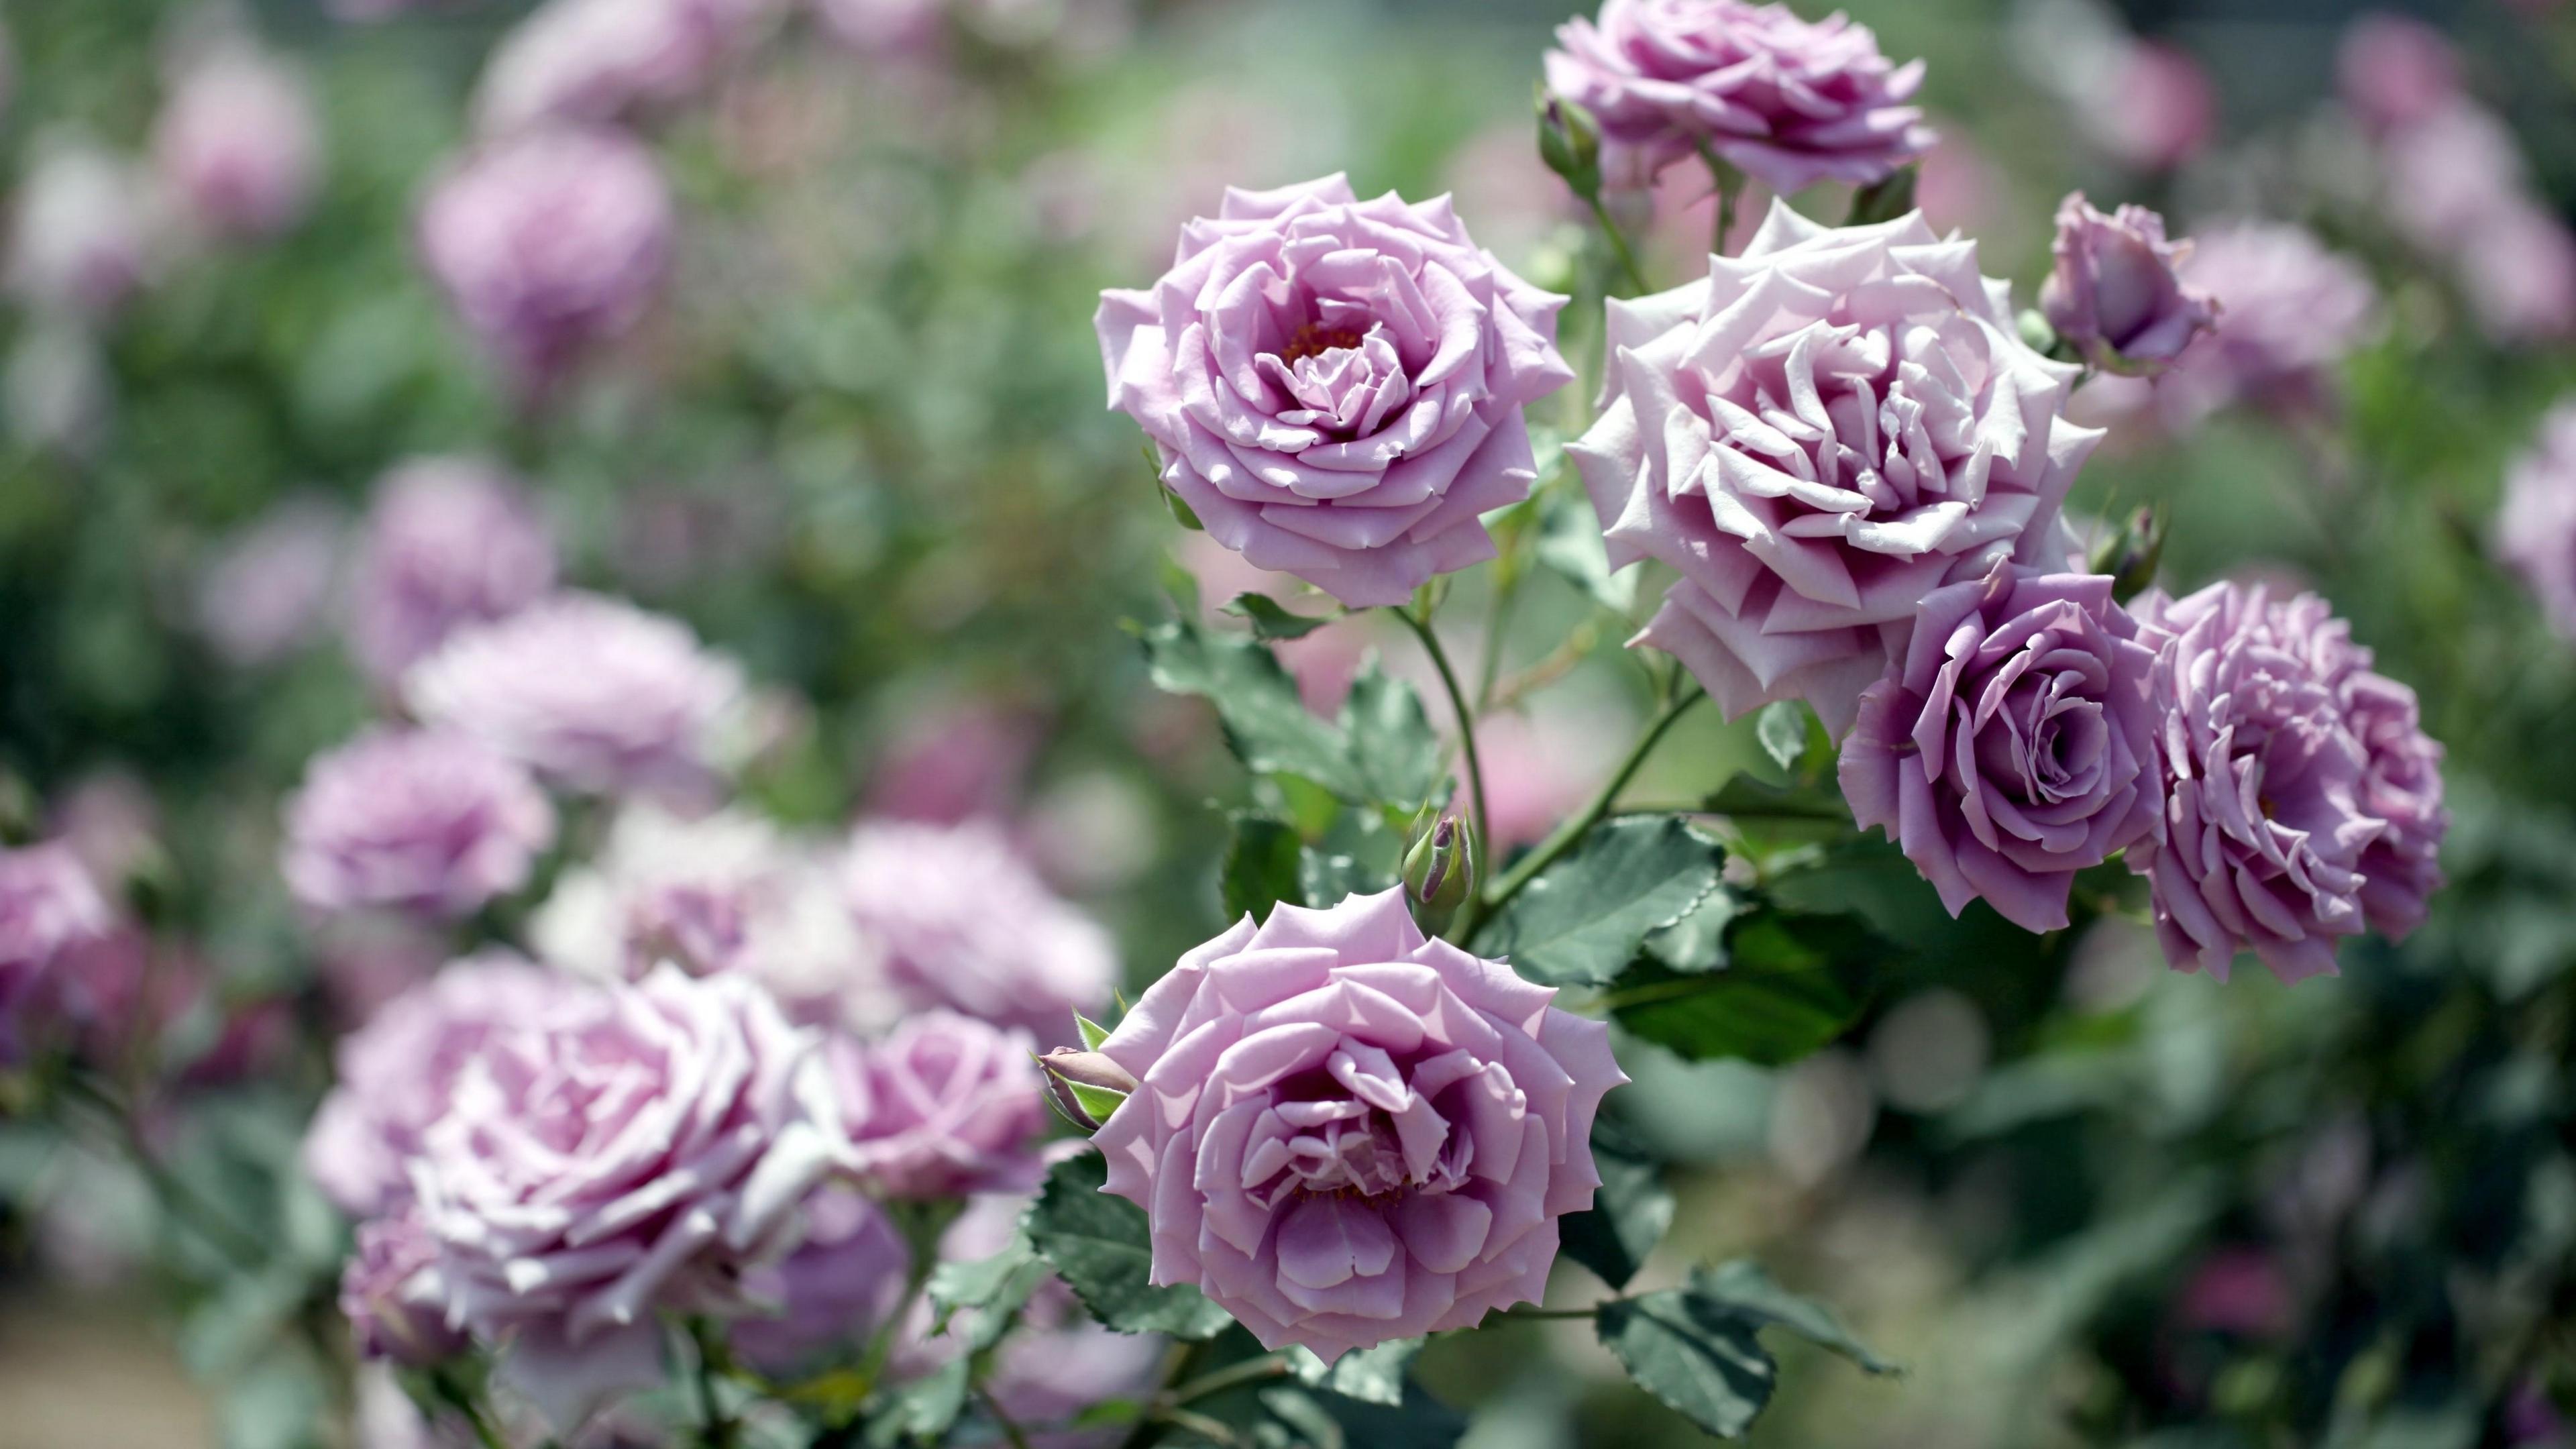 roses flowers garden blurring 4k 1540064295 - roses, flowers, garden, blurring 4k - Roses, Garden, Flowers